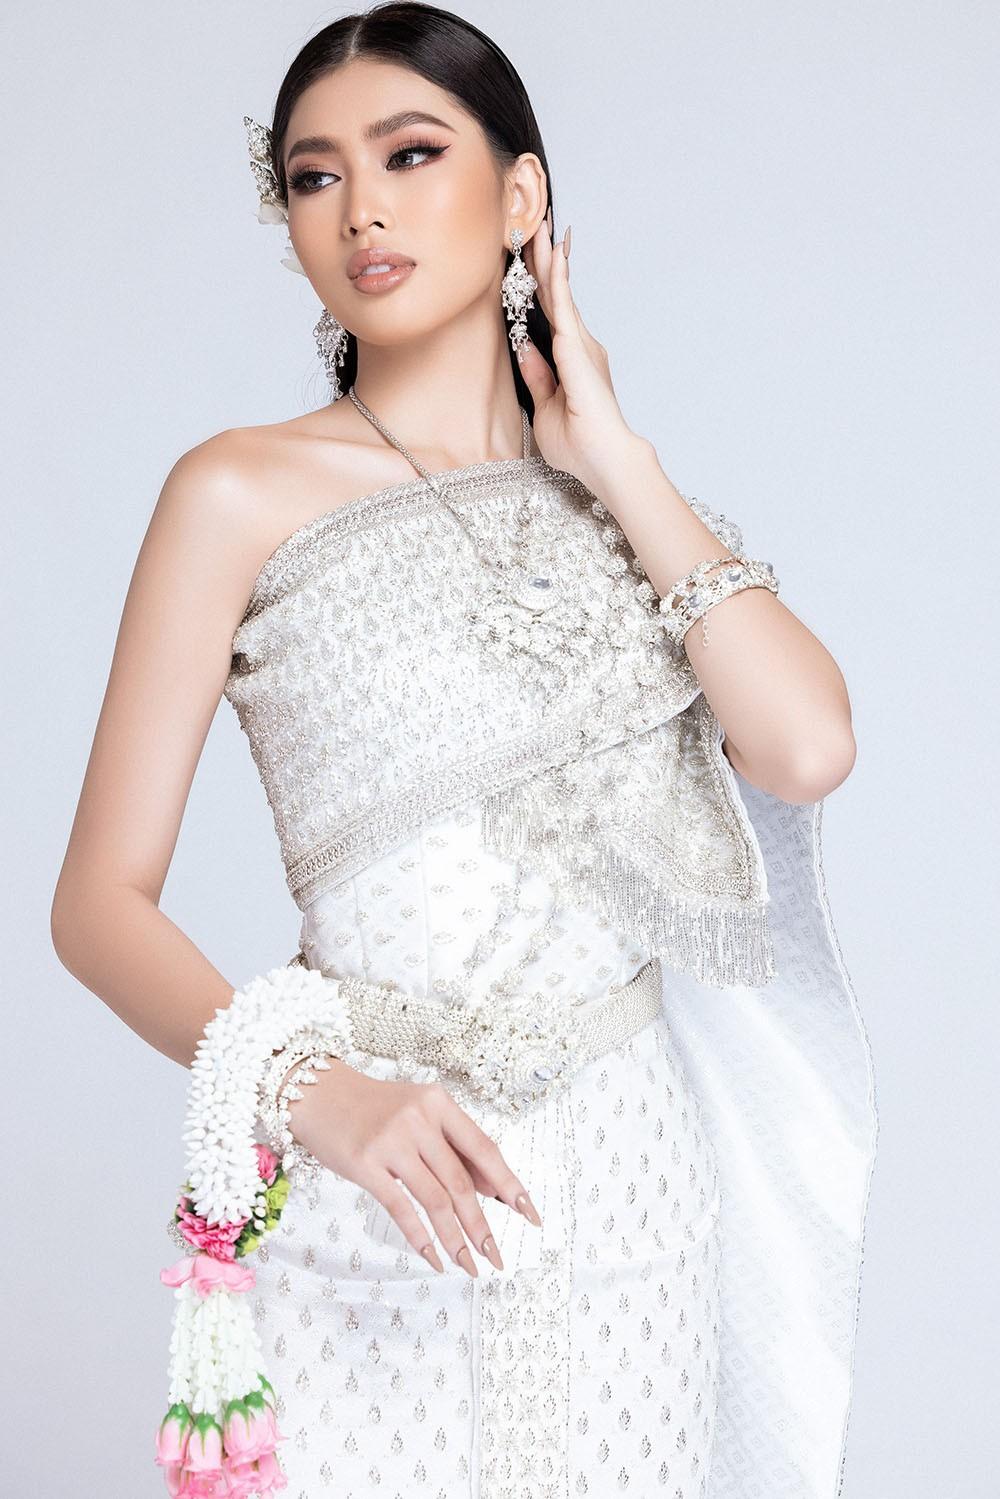 Sau khi bị hack instagram, Ngọc Thảo tung bộ ảnh đẹp 'đỉnh cao' khi mặc quốc phục Thái Lan ảnh 3